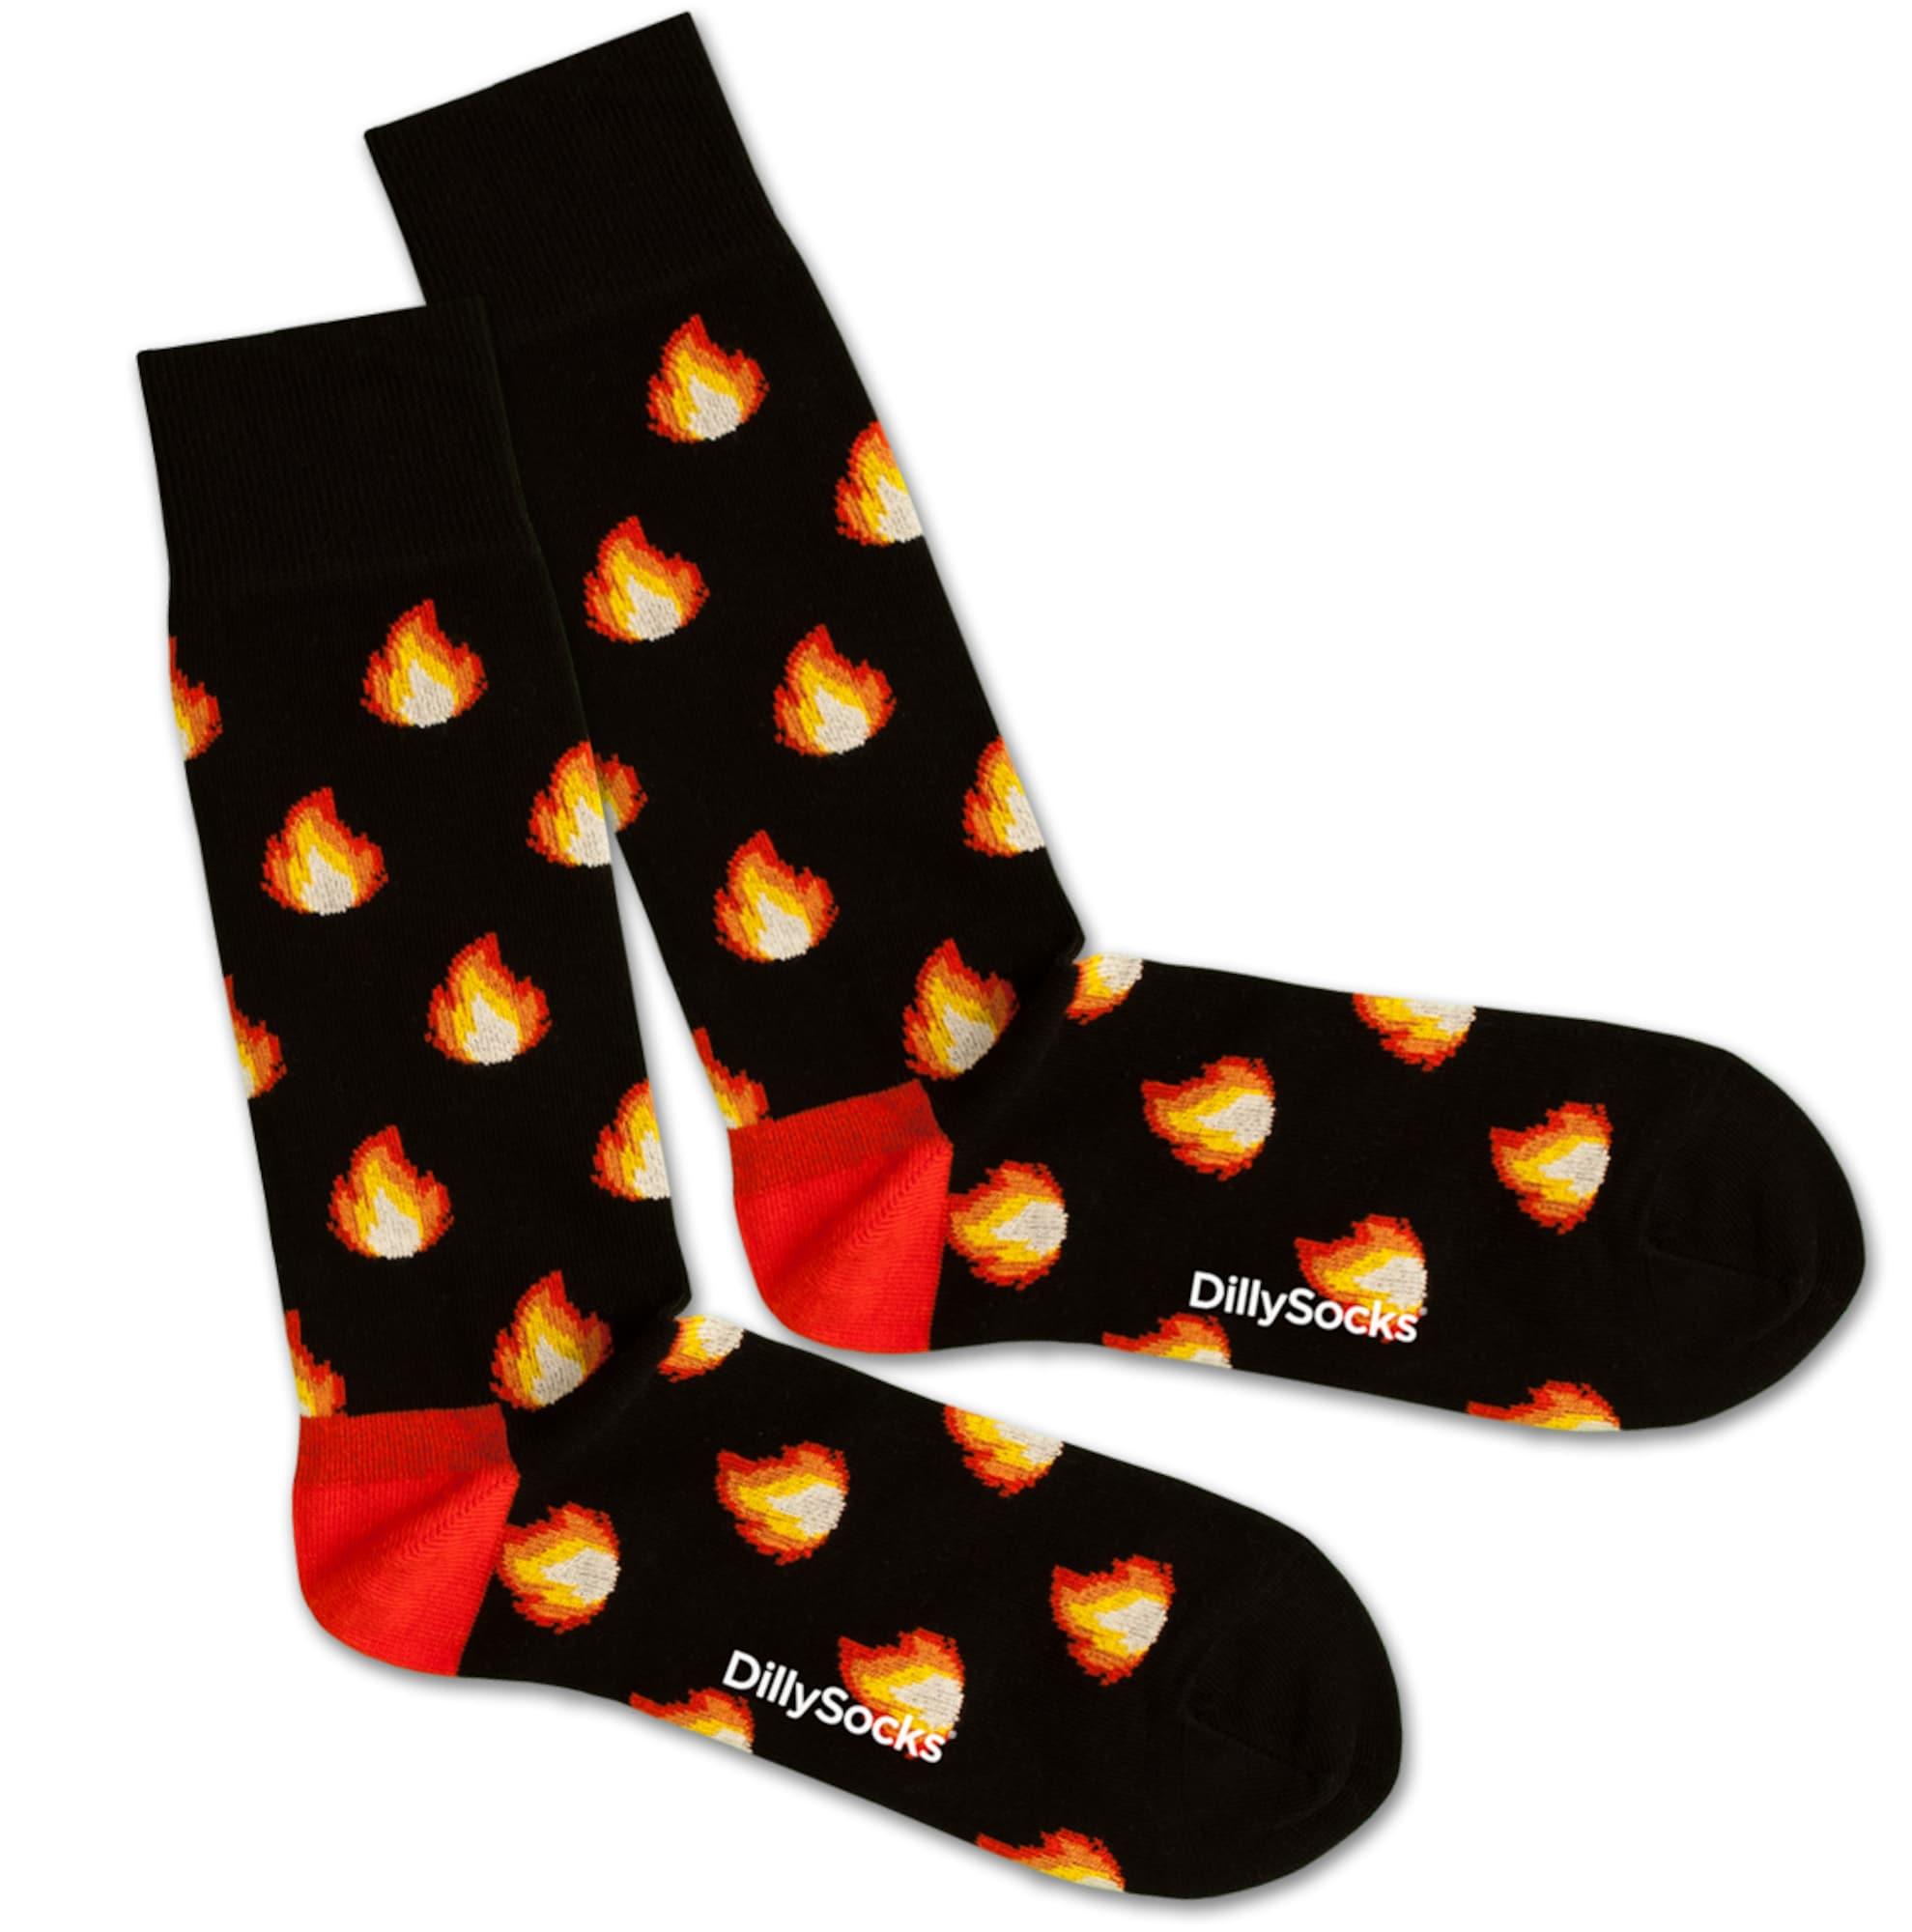 Ponožky Fire Flames žlutá červená černá DillySocks